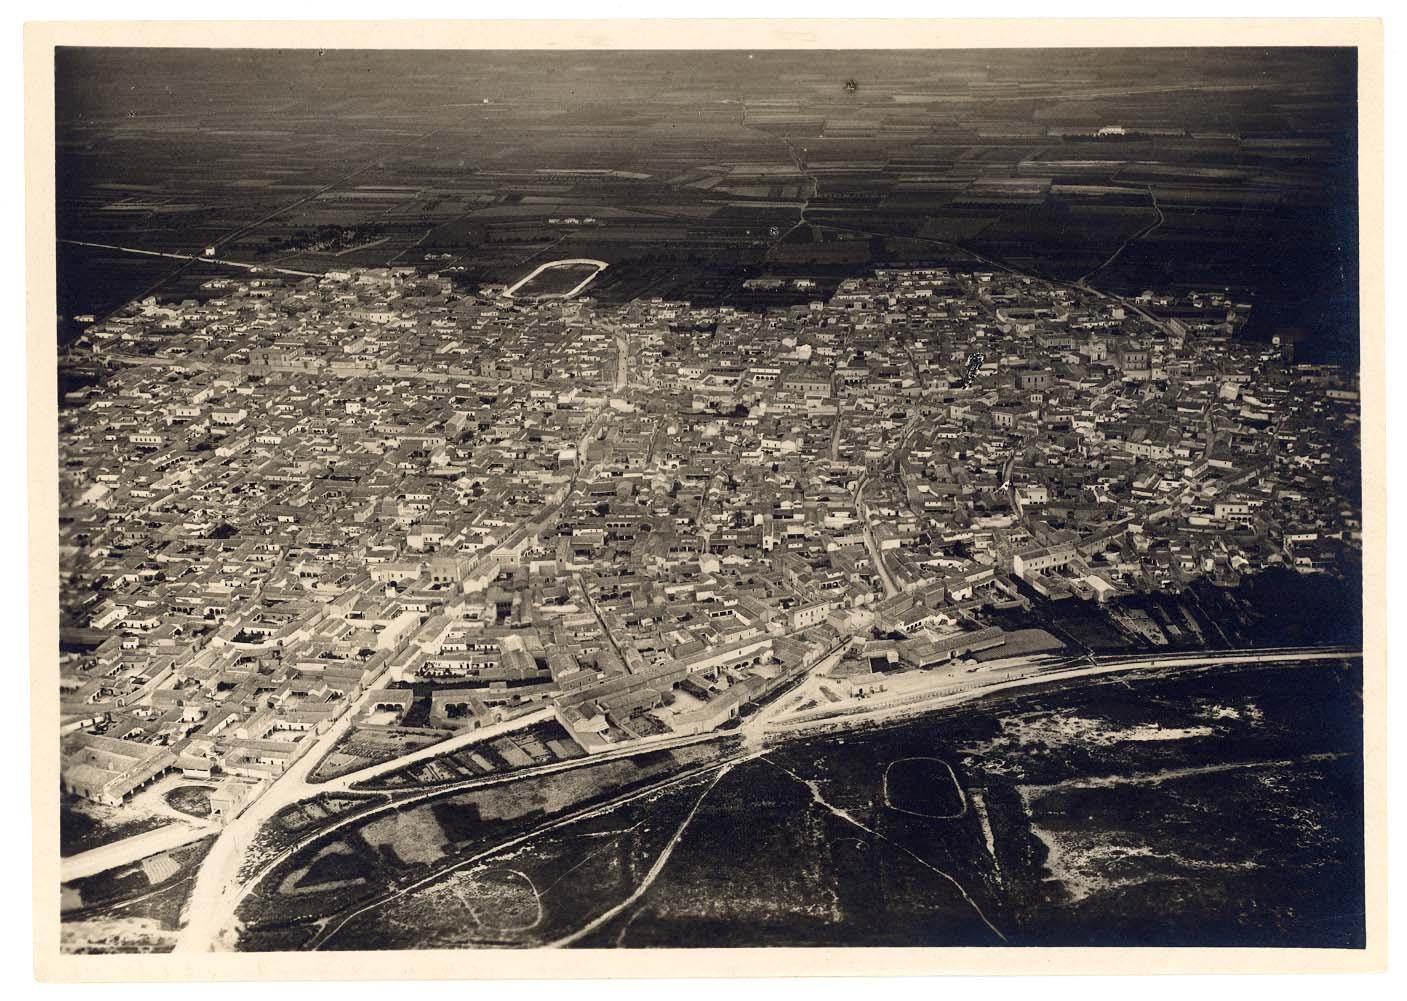 Archivio Comunale - 1921 - Tipografia_jpg_foto 0030 10-13